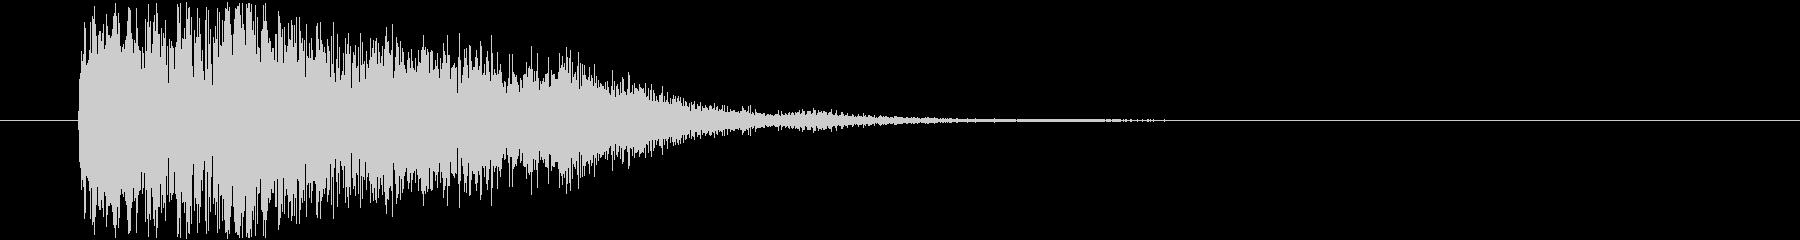 システムSE(決定音)の未再生の波形